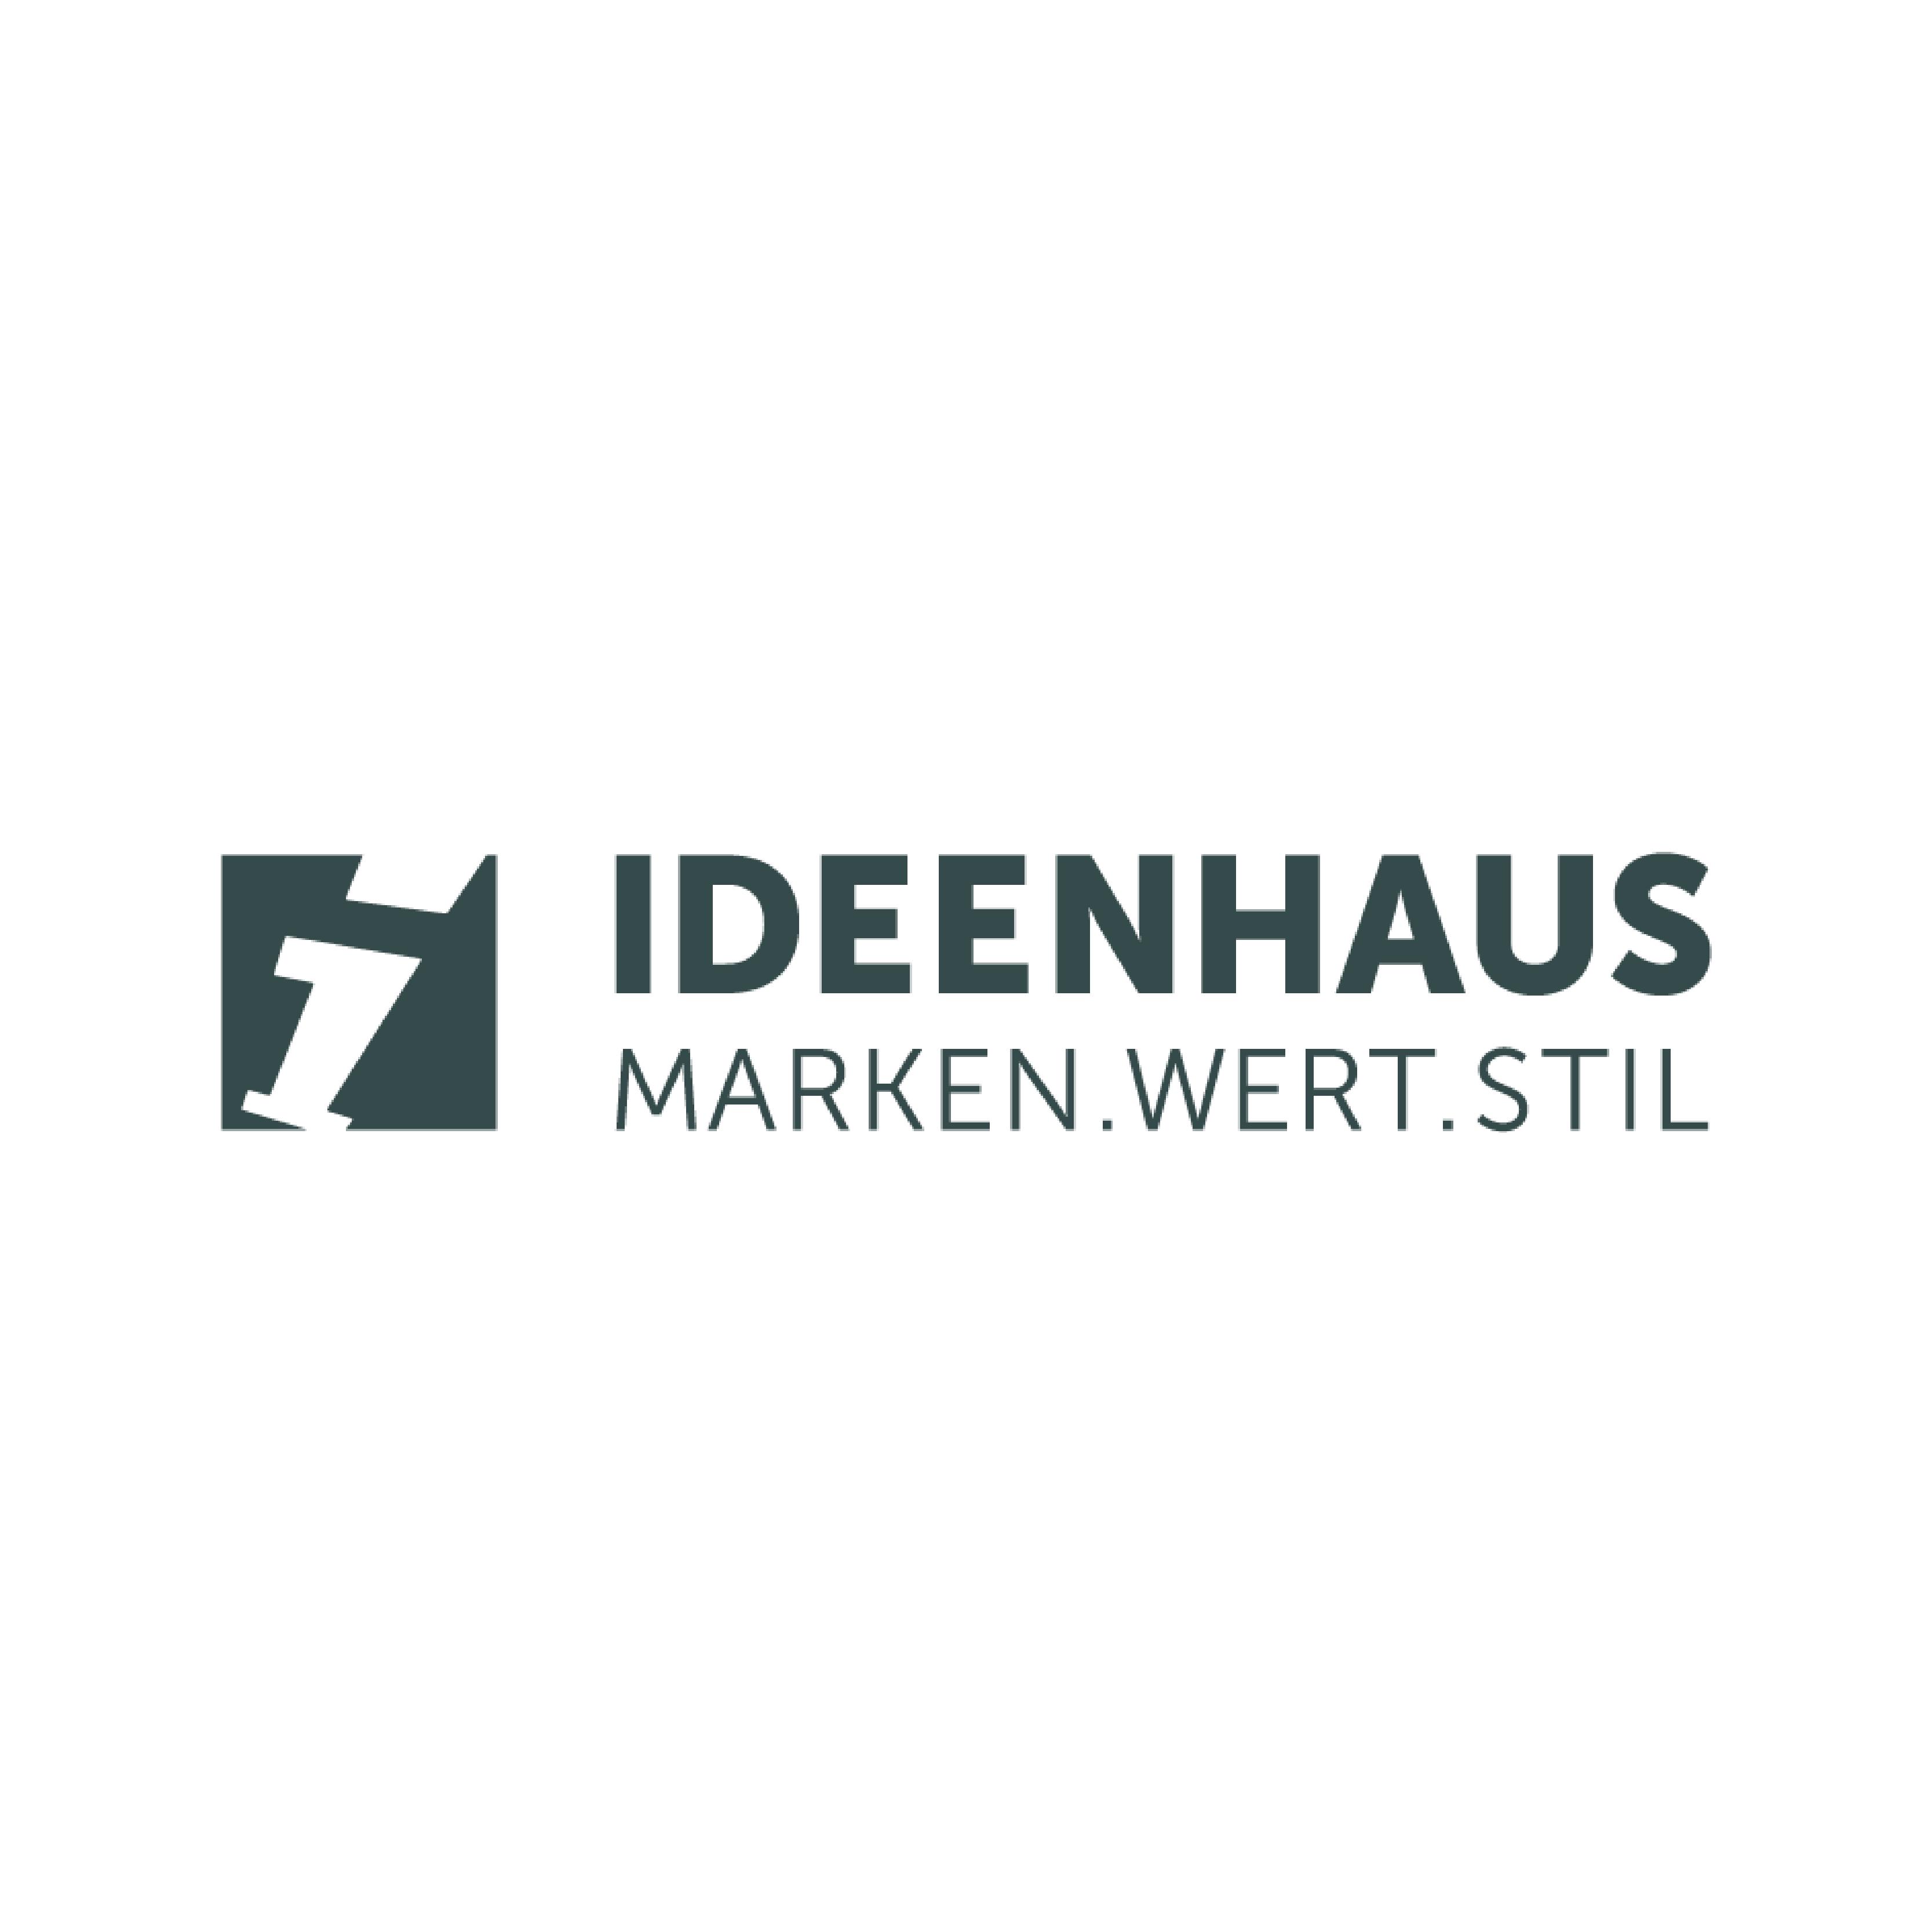 Ideenhaus